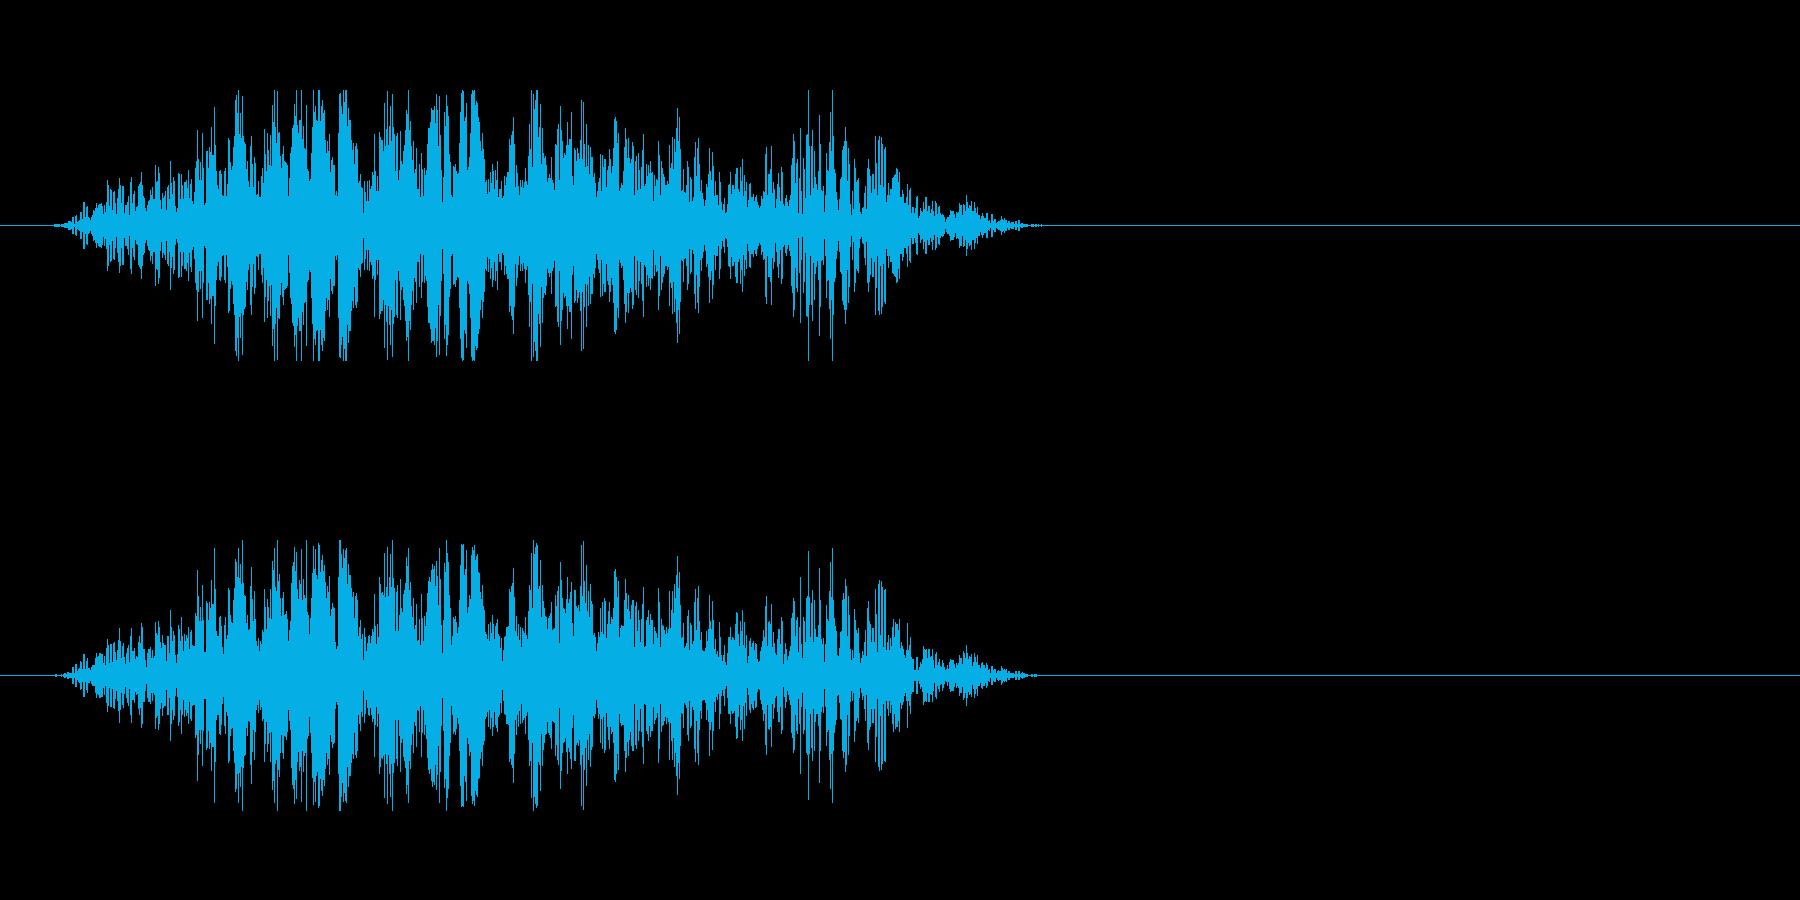 獣やモンスターの発声(アタック)の再生済みの波形